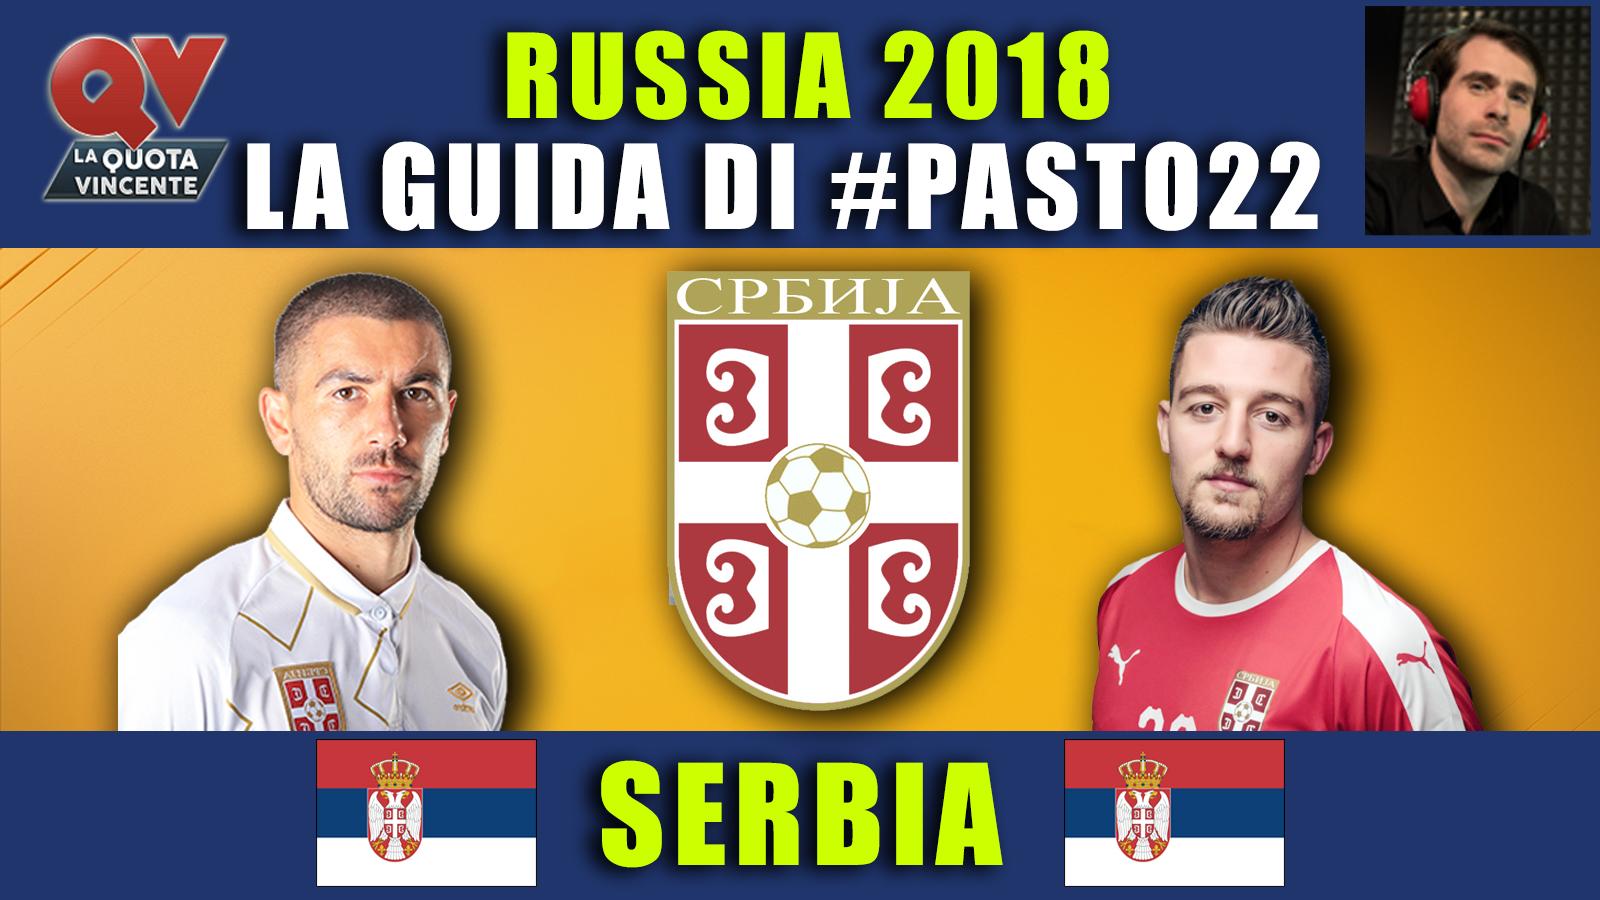 Guida Mondiali Russia 2018 Serbia: convocati, quote, calendario, news